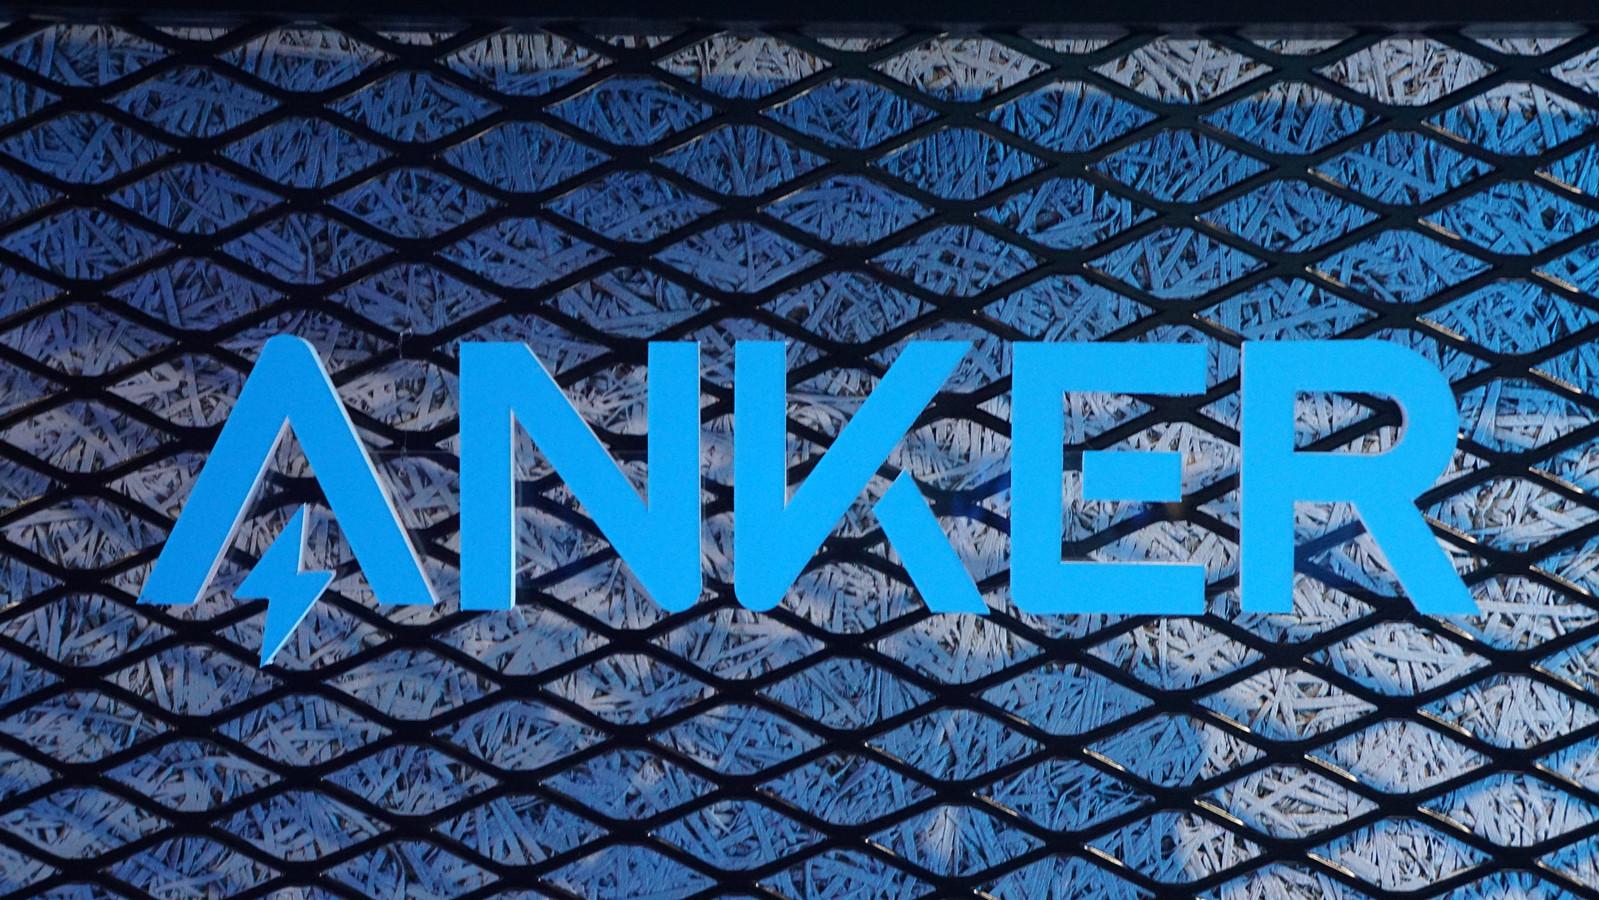 Anker、USB付き電源タップ・4ポート急速充電器など新製品を多数発表